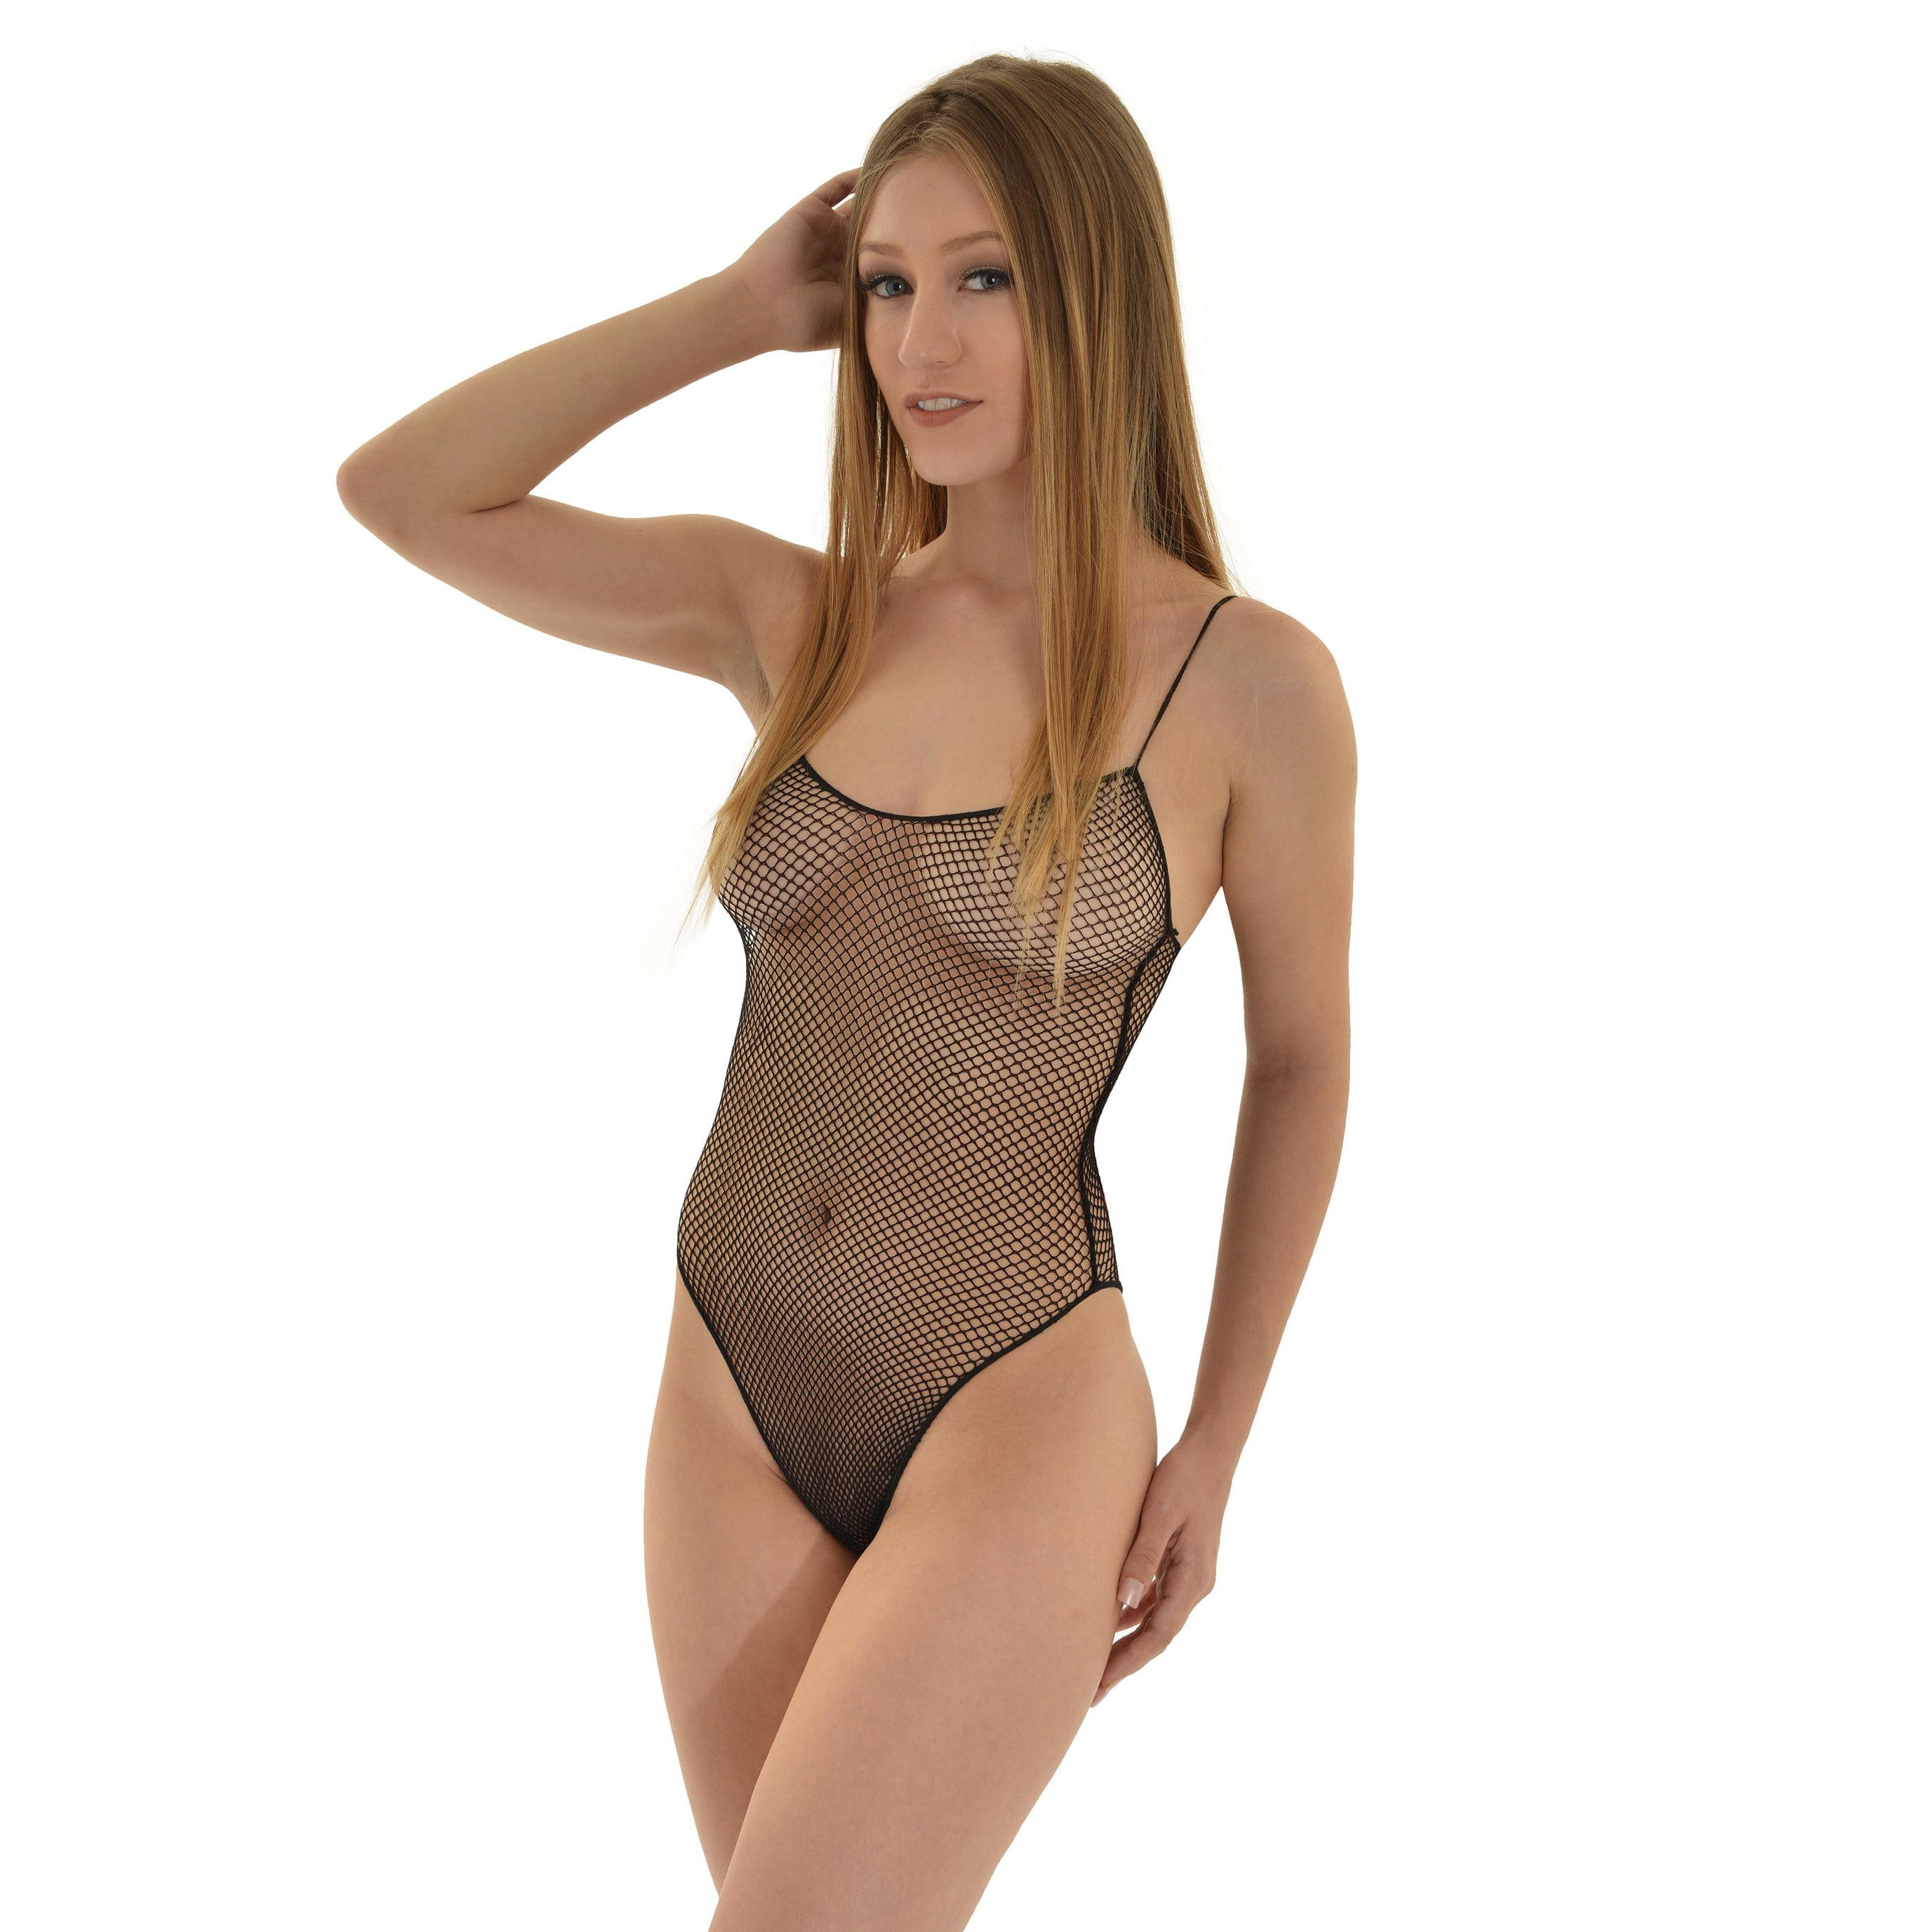 Underwear women One piece